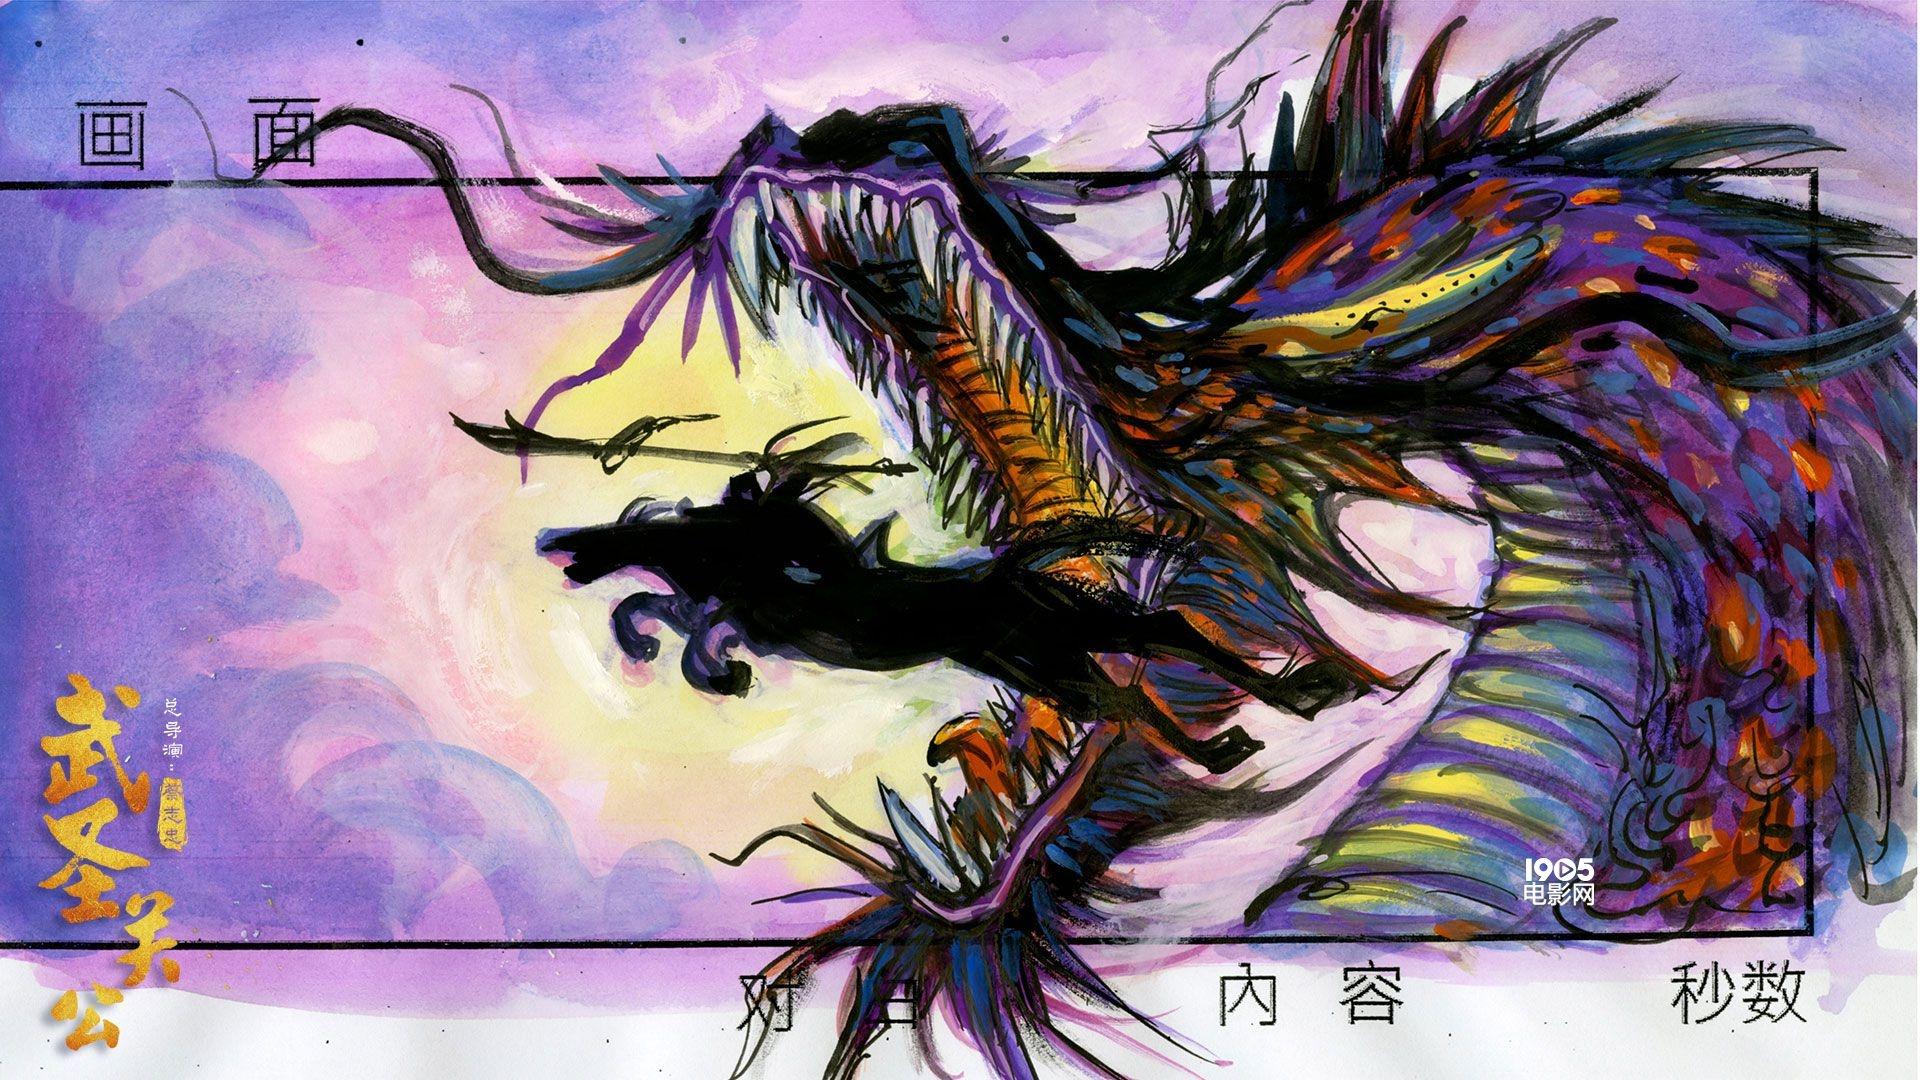 国漫《武圣关公》首发海报 今年暑假上映